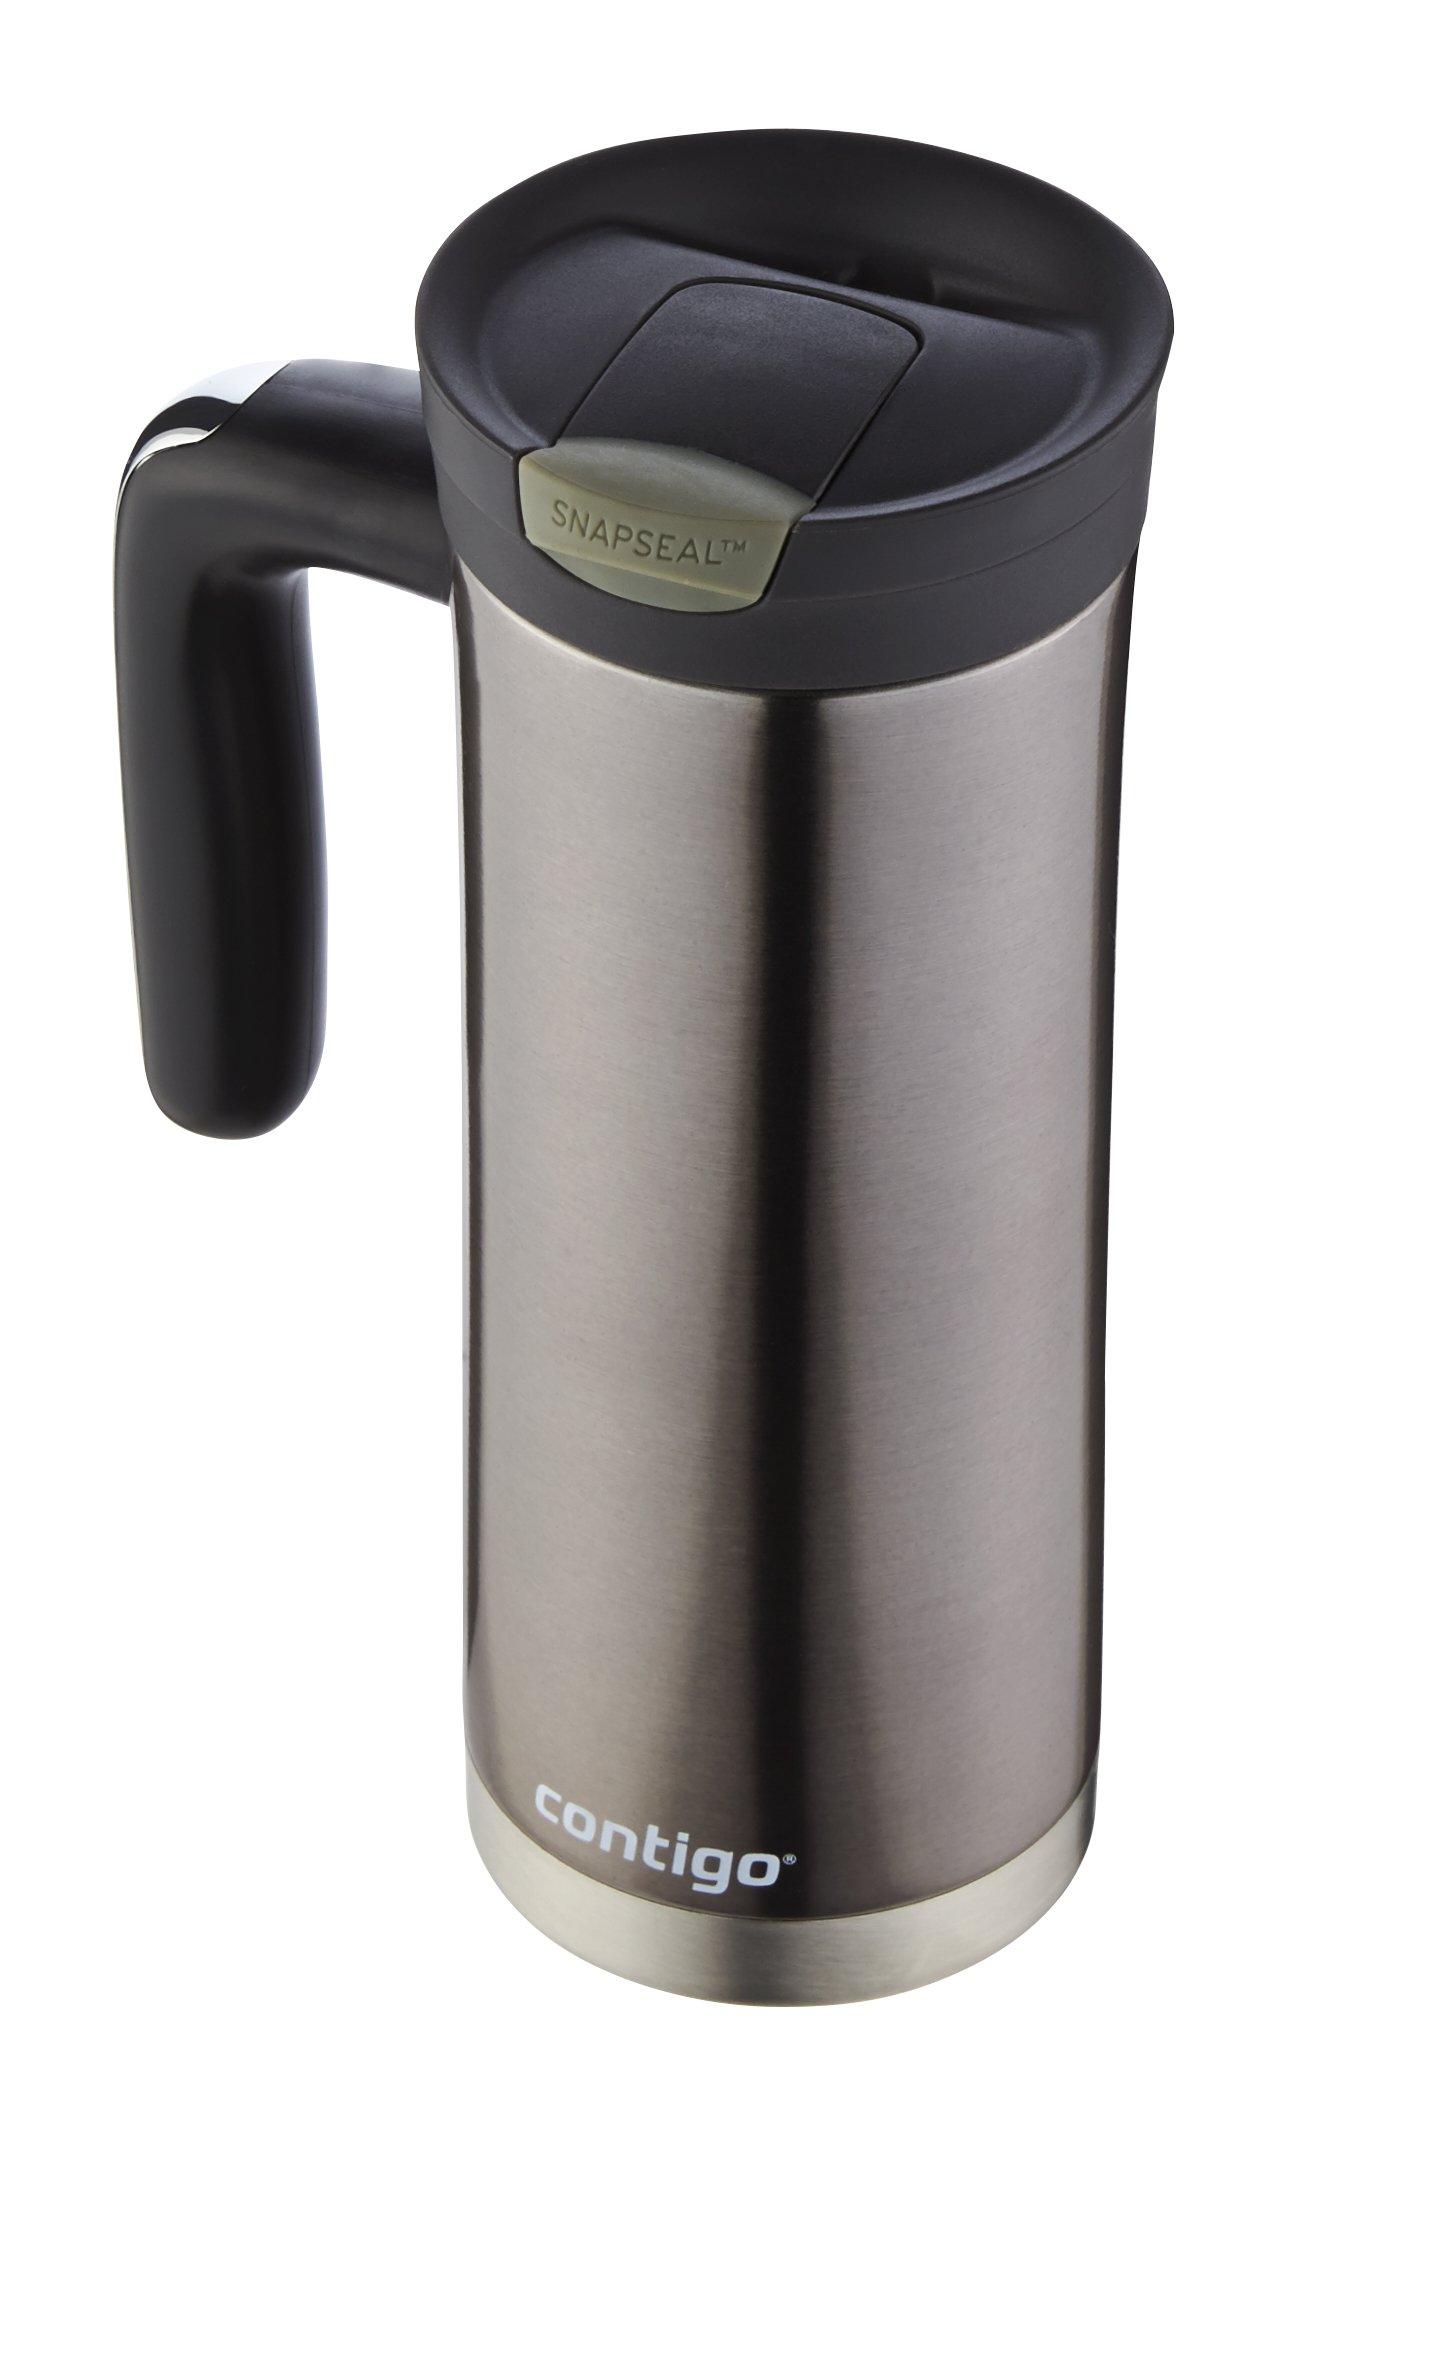 Contigo SnapSeal Superior Stainless Steel Travel Mug, 20 oz, Gunmetal by Contigo (Image #5)